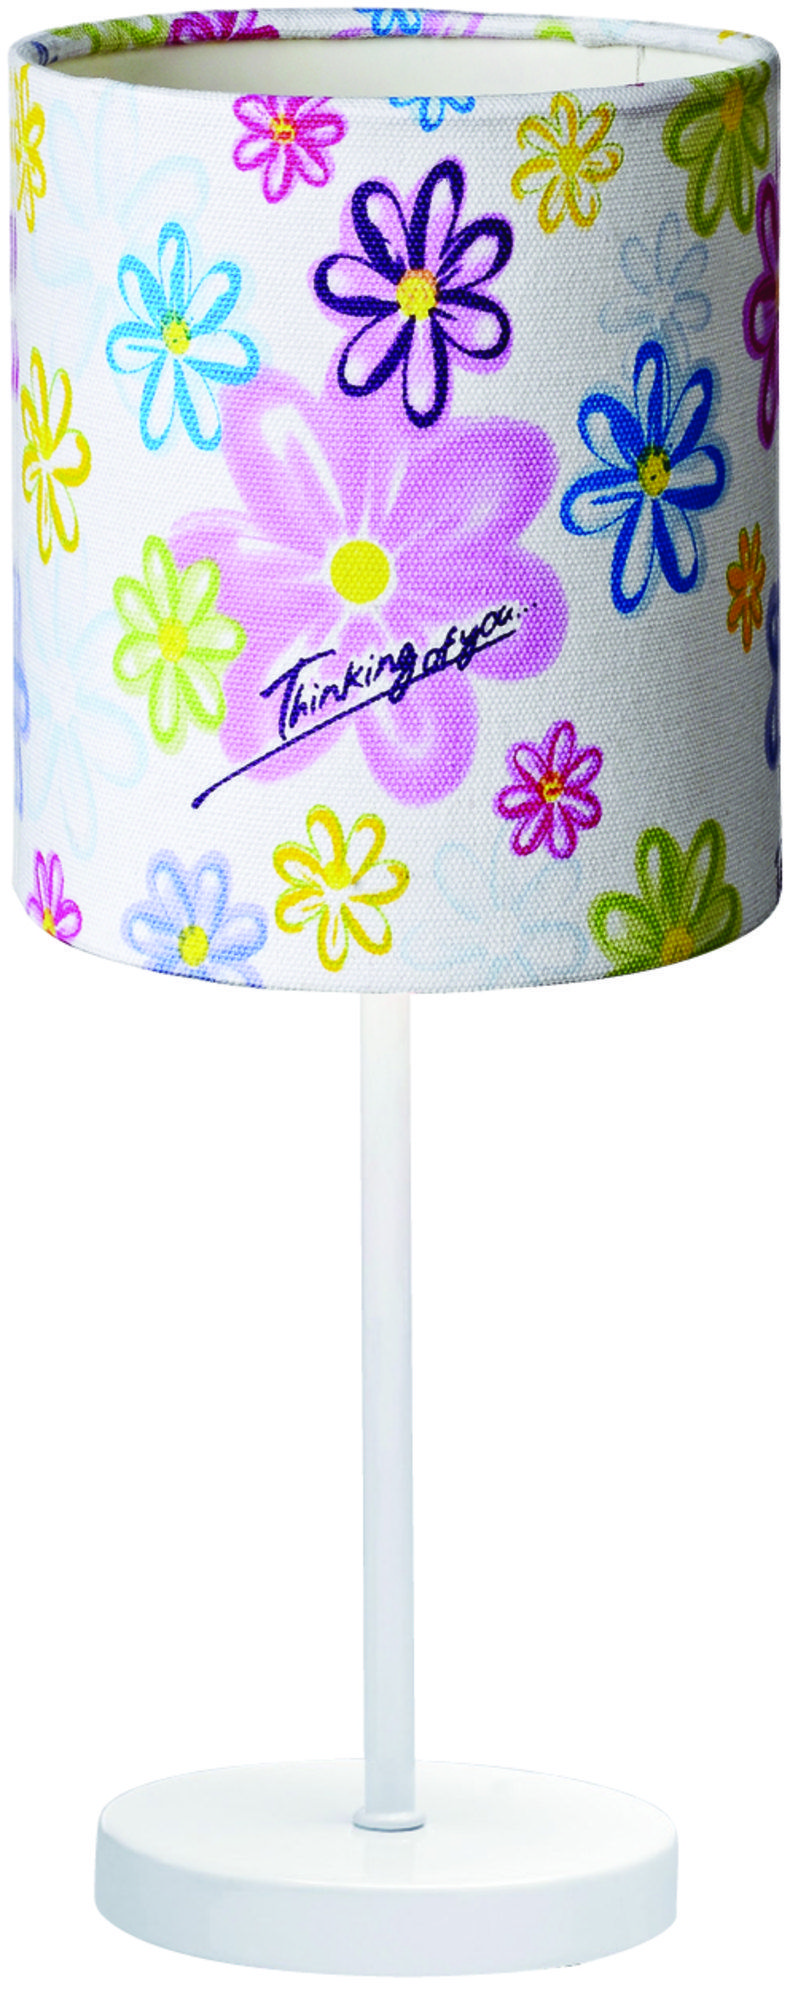 Pöytävalaisin pienelle koululaiselle. - Table lamp for little schoolchild.